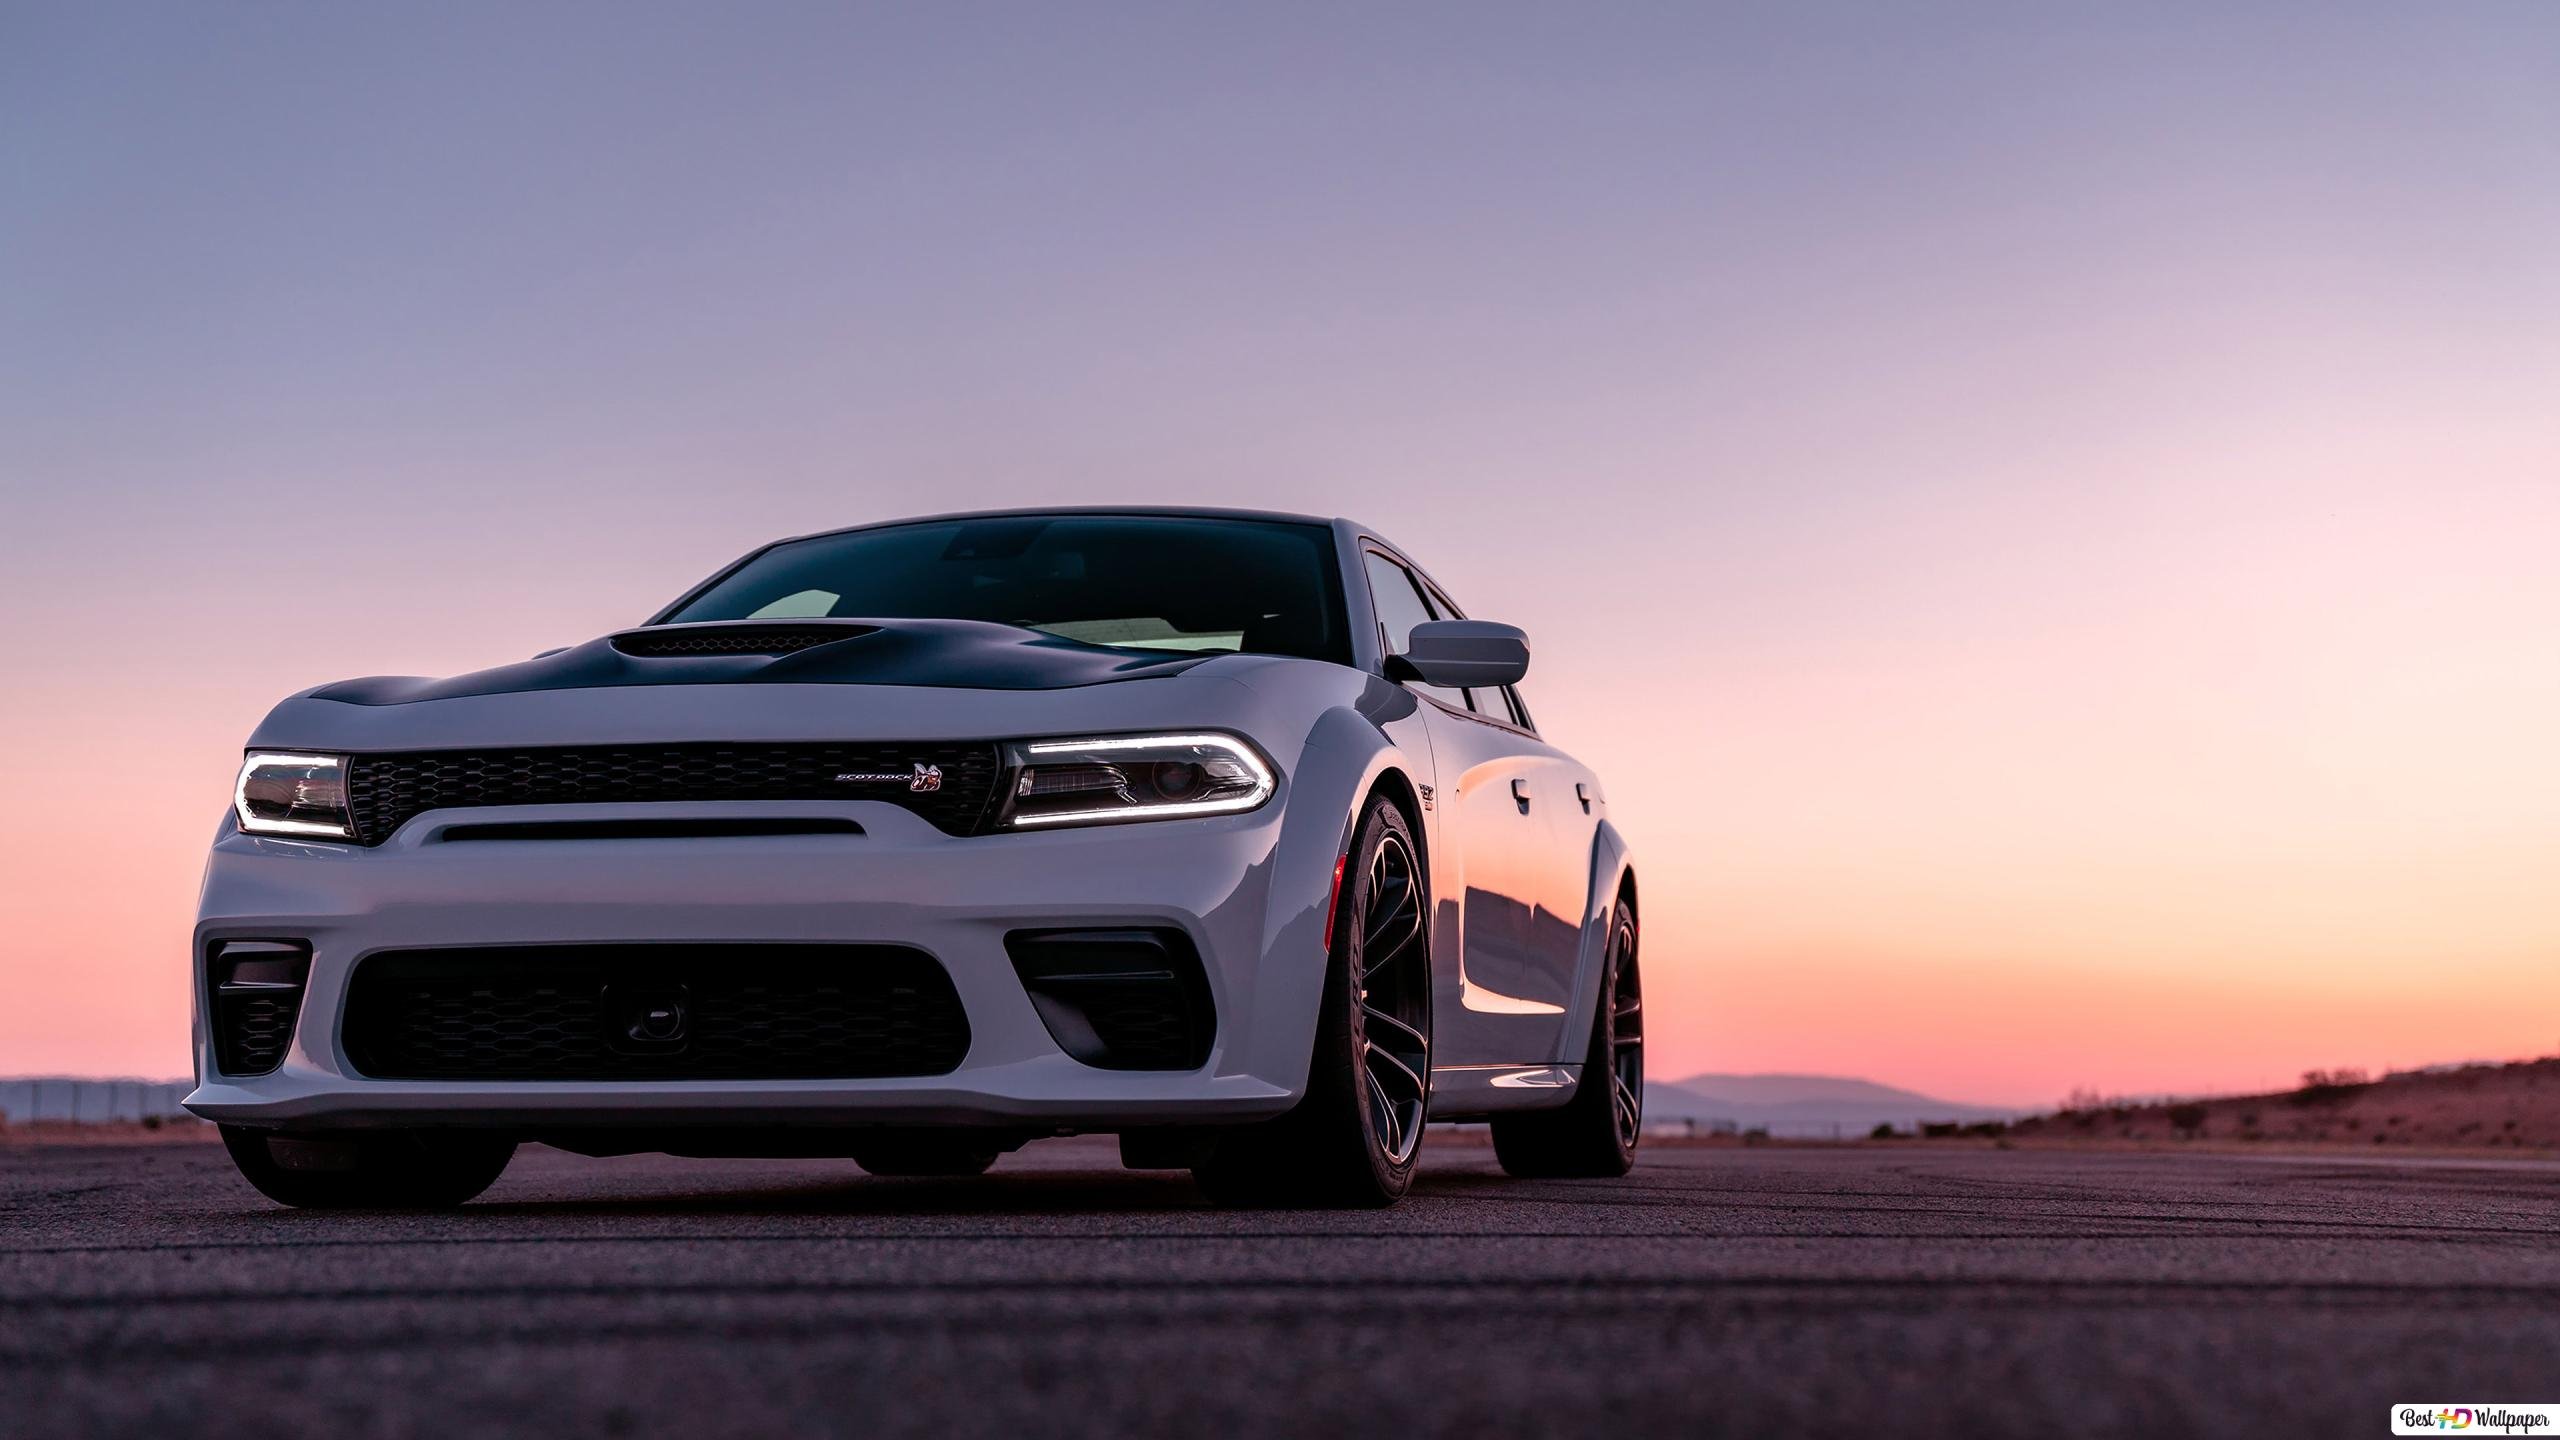 Blanc Chargeur Dodge Hd Fond Décran Télécharger